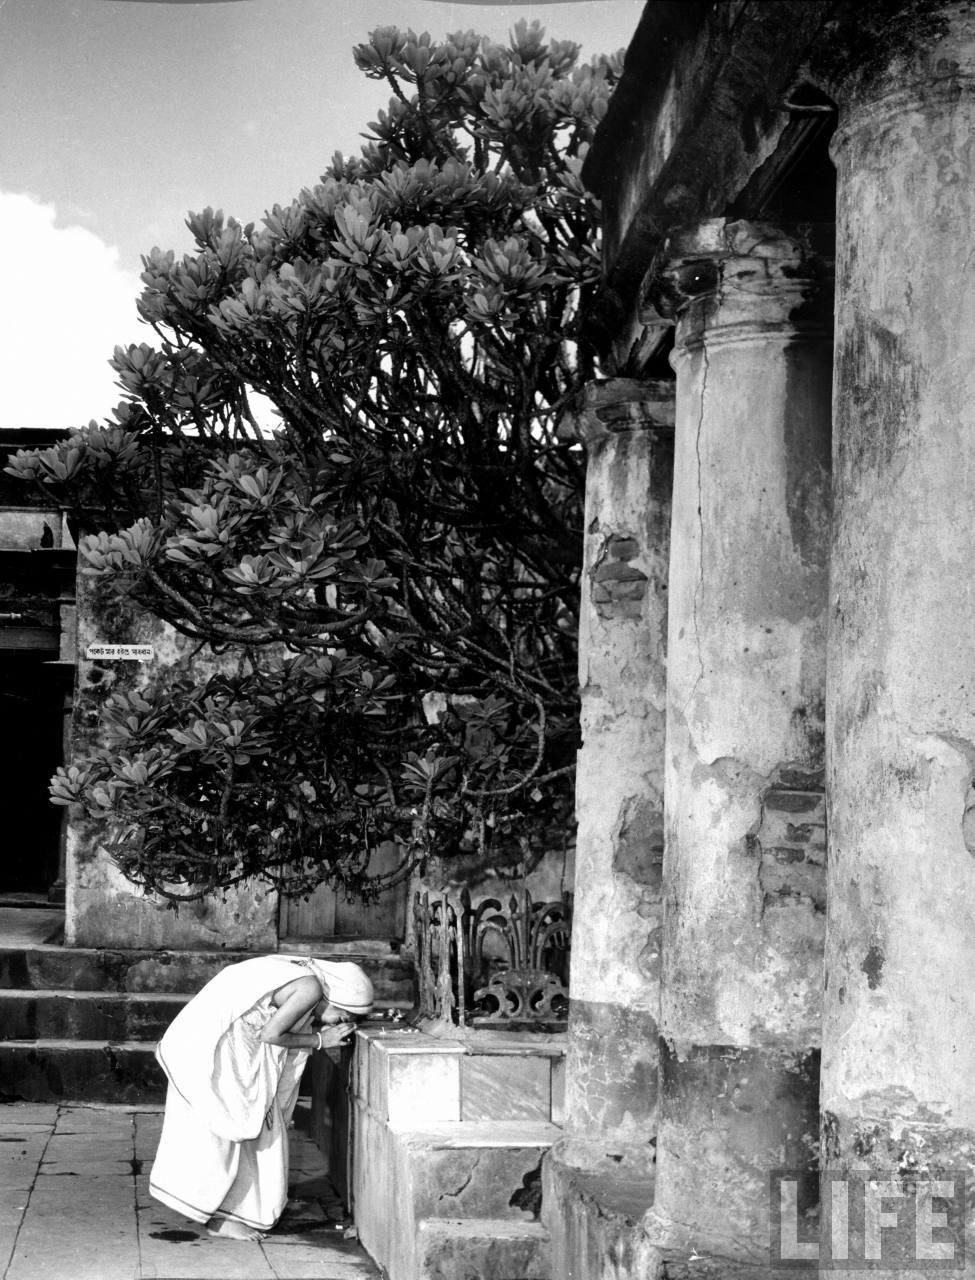 Hindu woman praying at sacred tree at the Temple - 1946